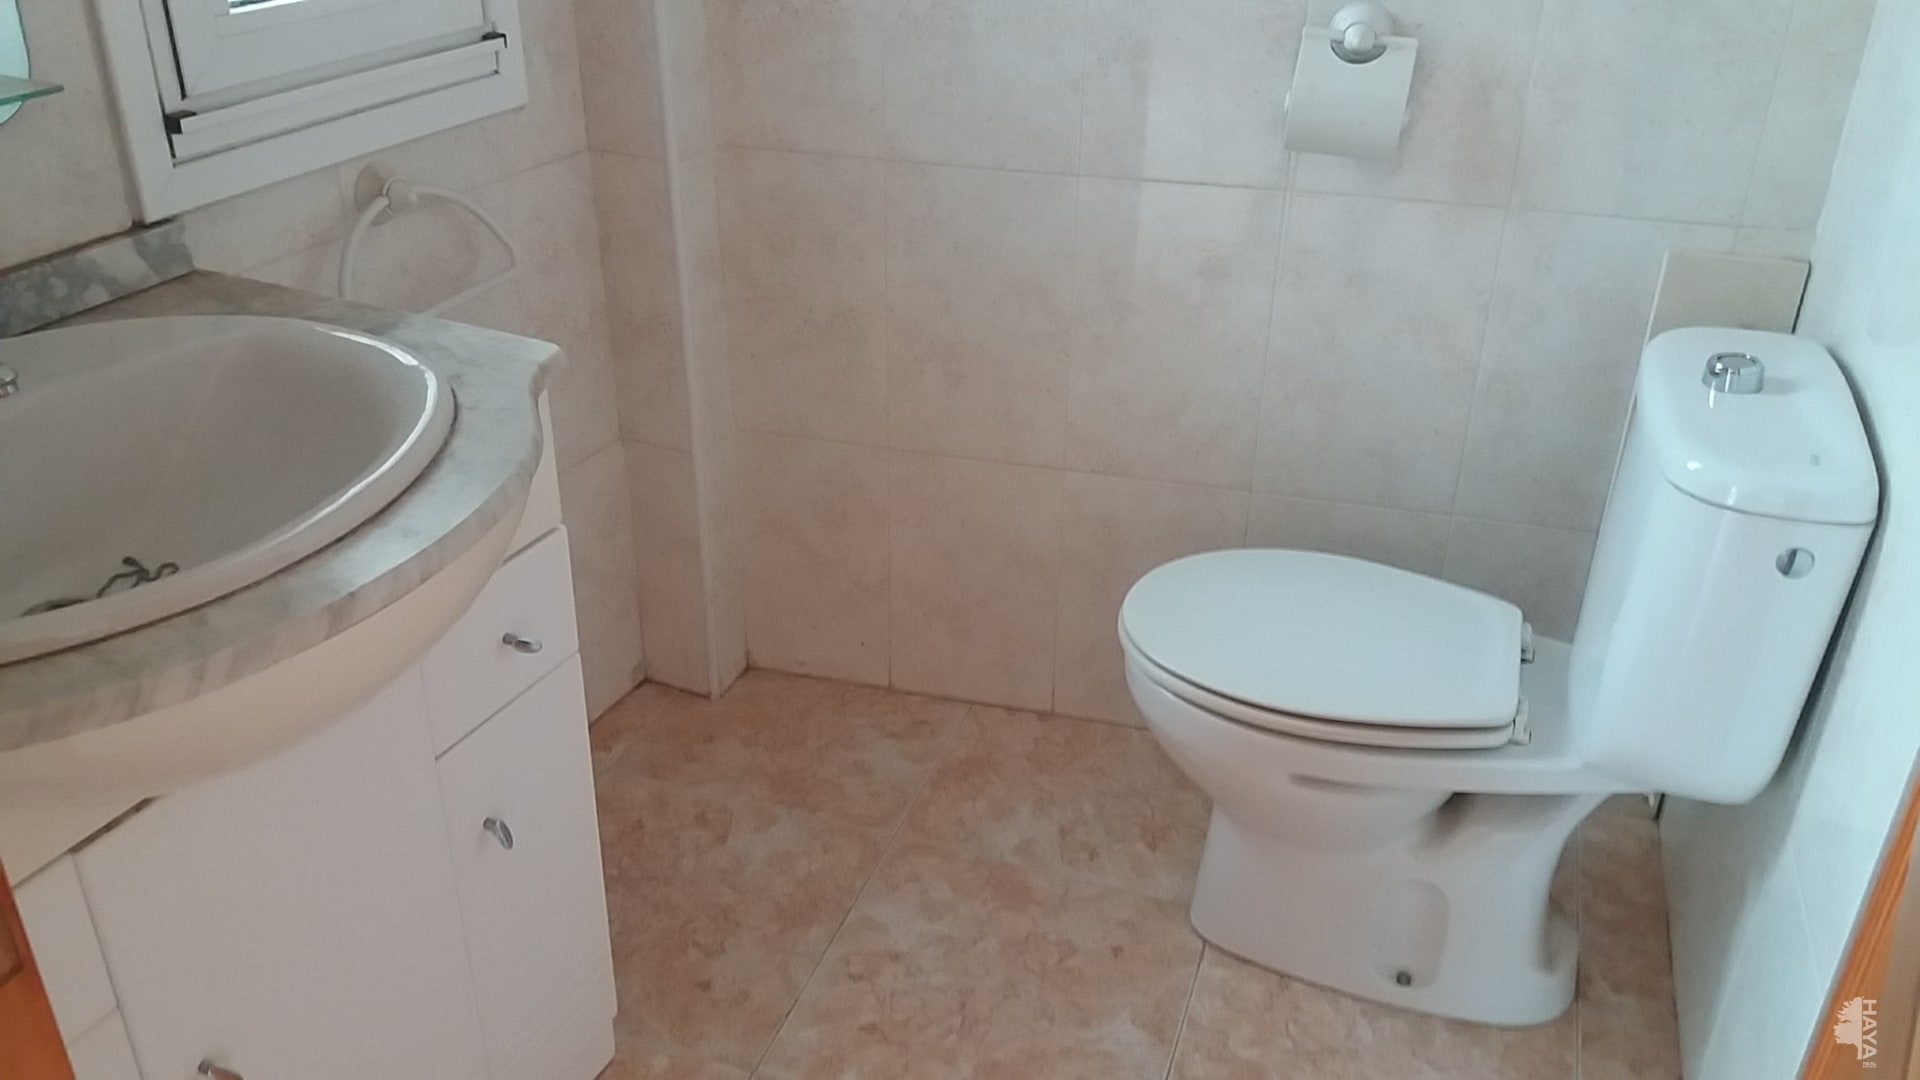 Piso en venta en Piso en Santa Lucía de Tirajana, Las Palmas, 115.881 €, 3 habitaciones, 2 baños, 98 m2